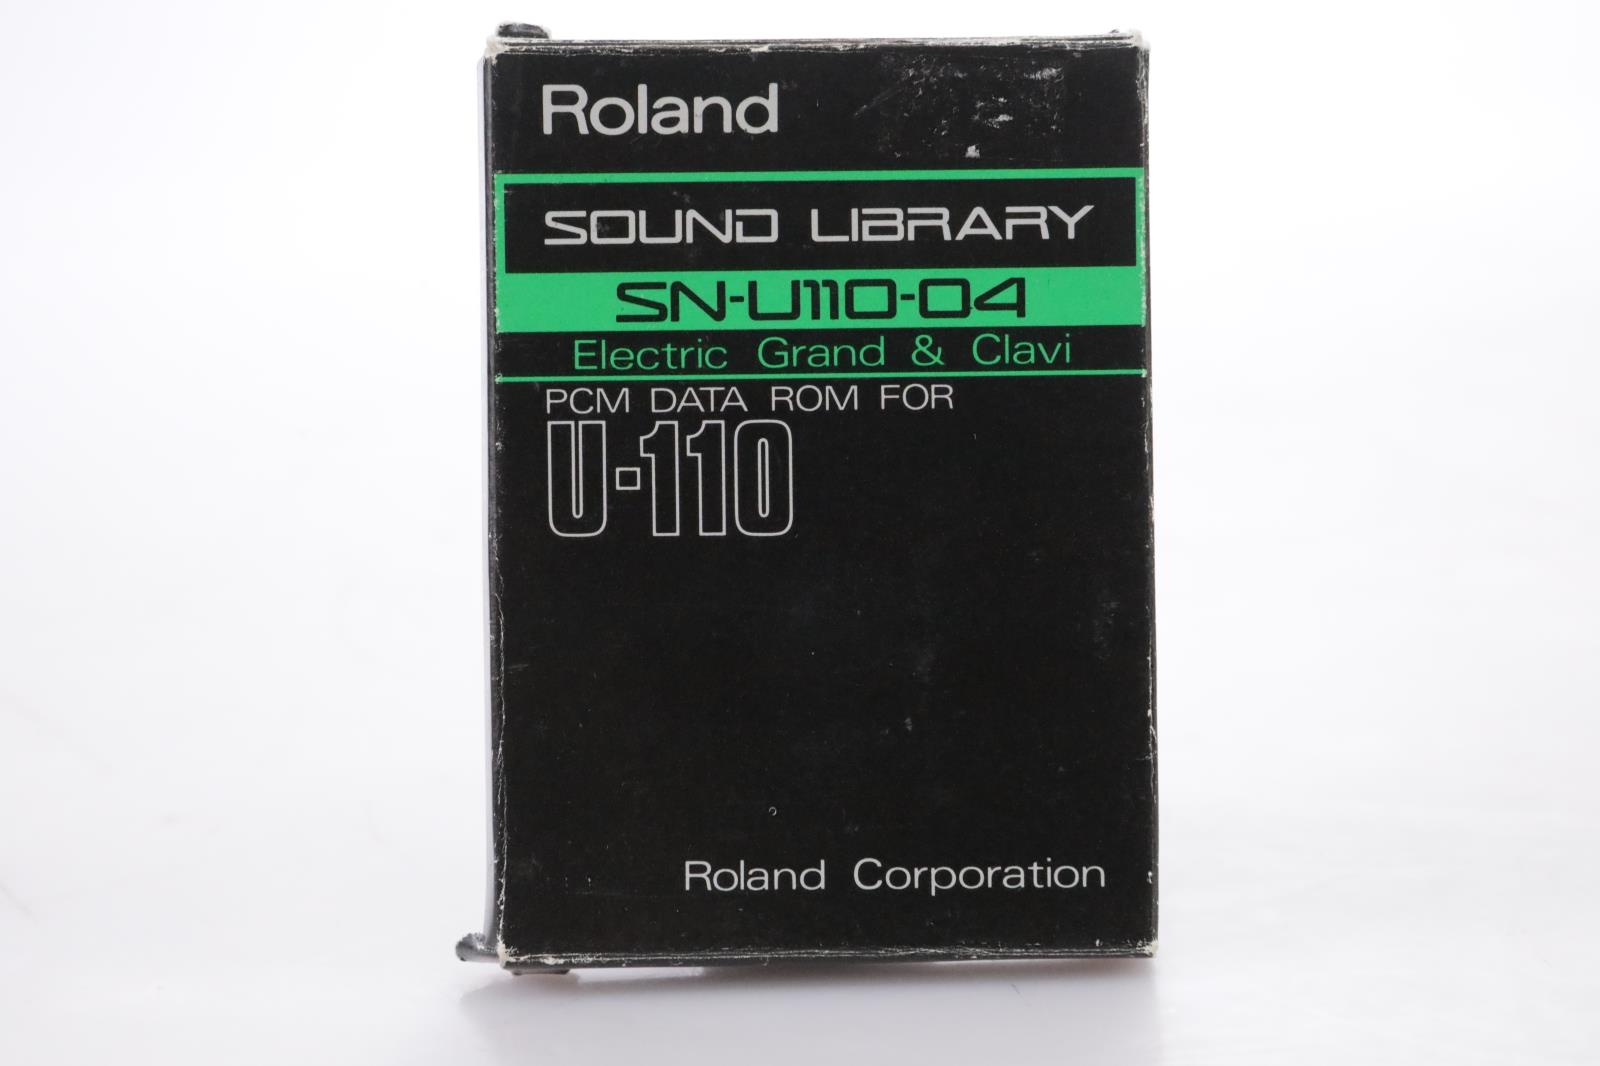 Roland SN-U110-04 Electric Grand & Clavi PCM Data ROM Card for U-110 #44165